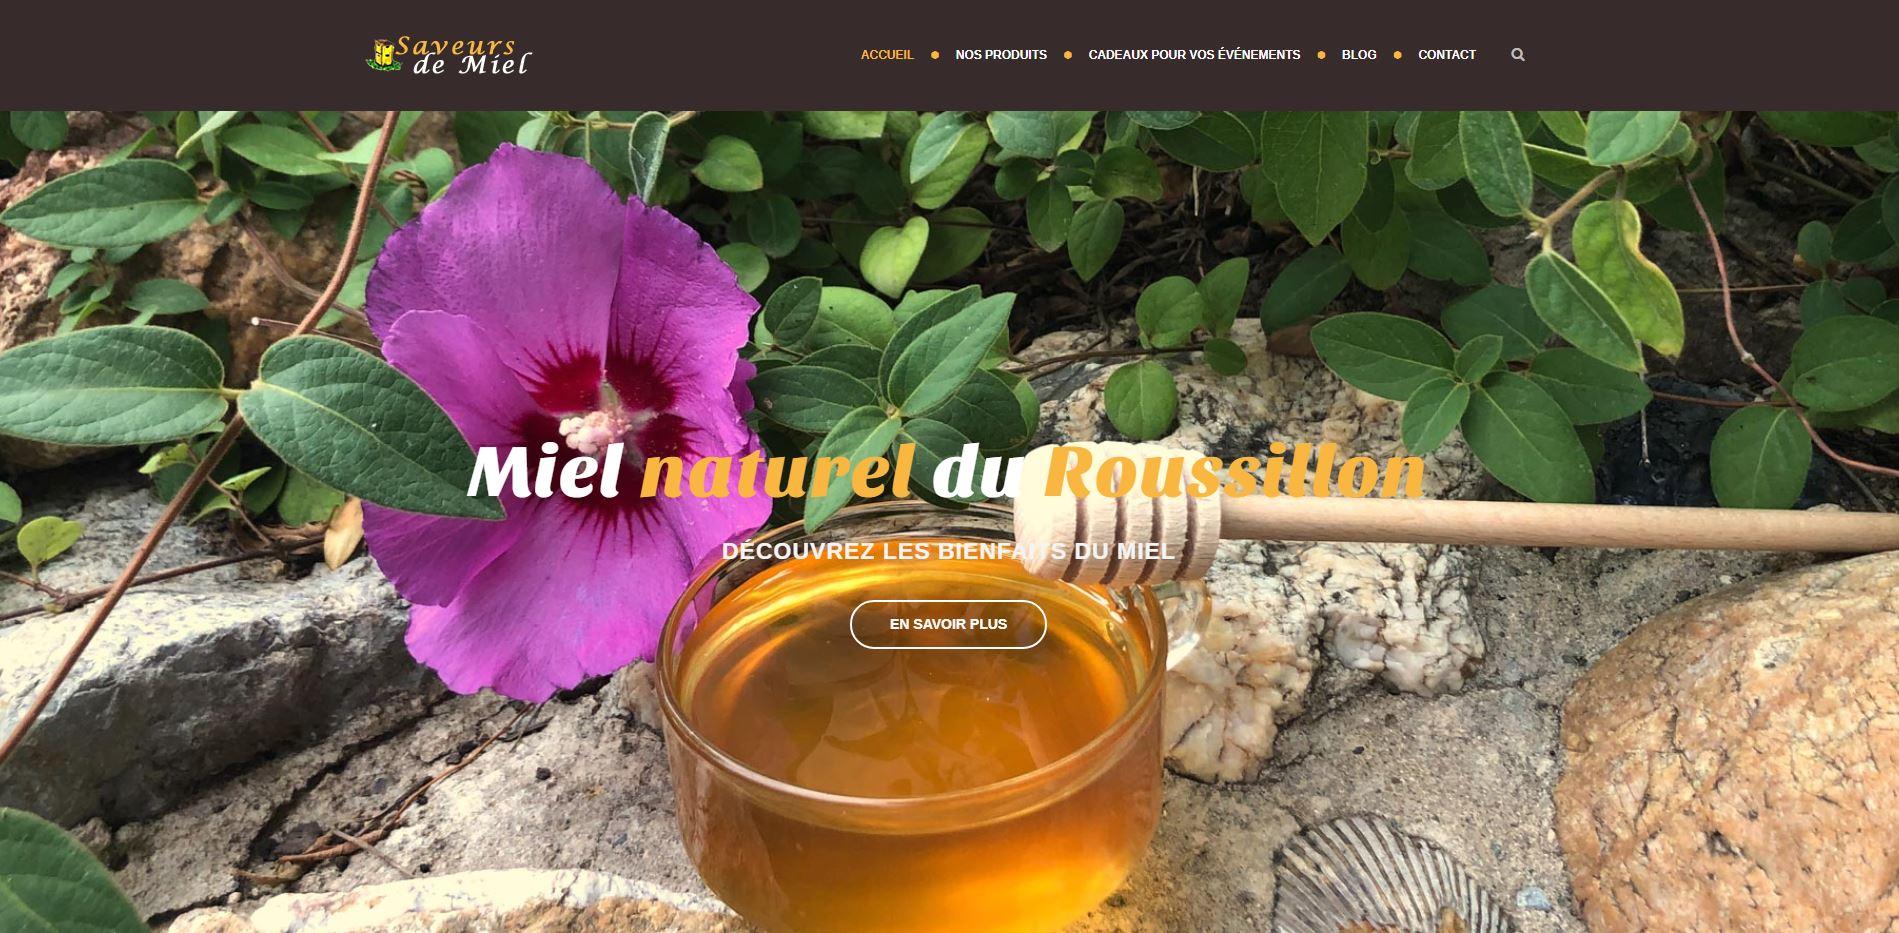 Création du site internet saveurs de miel à Perpignan 66